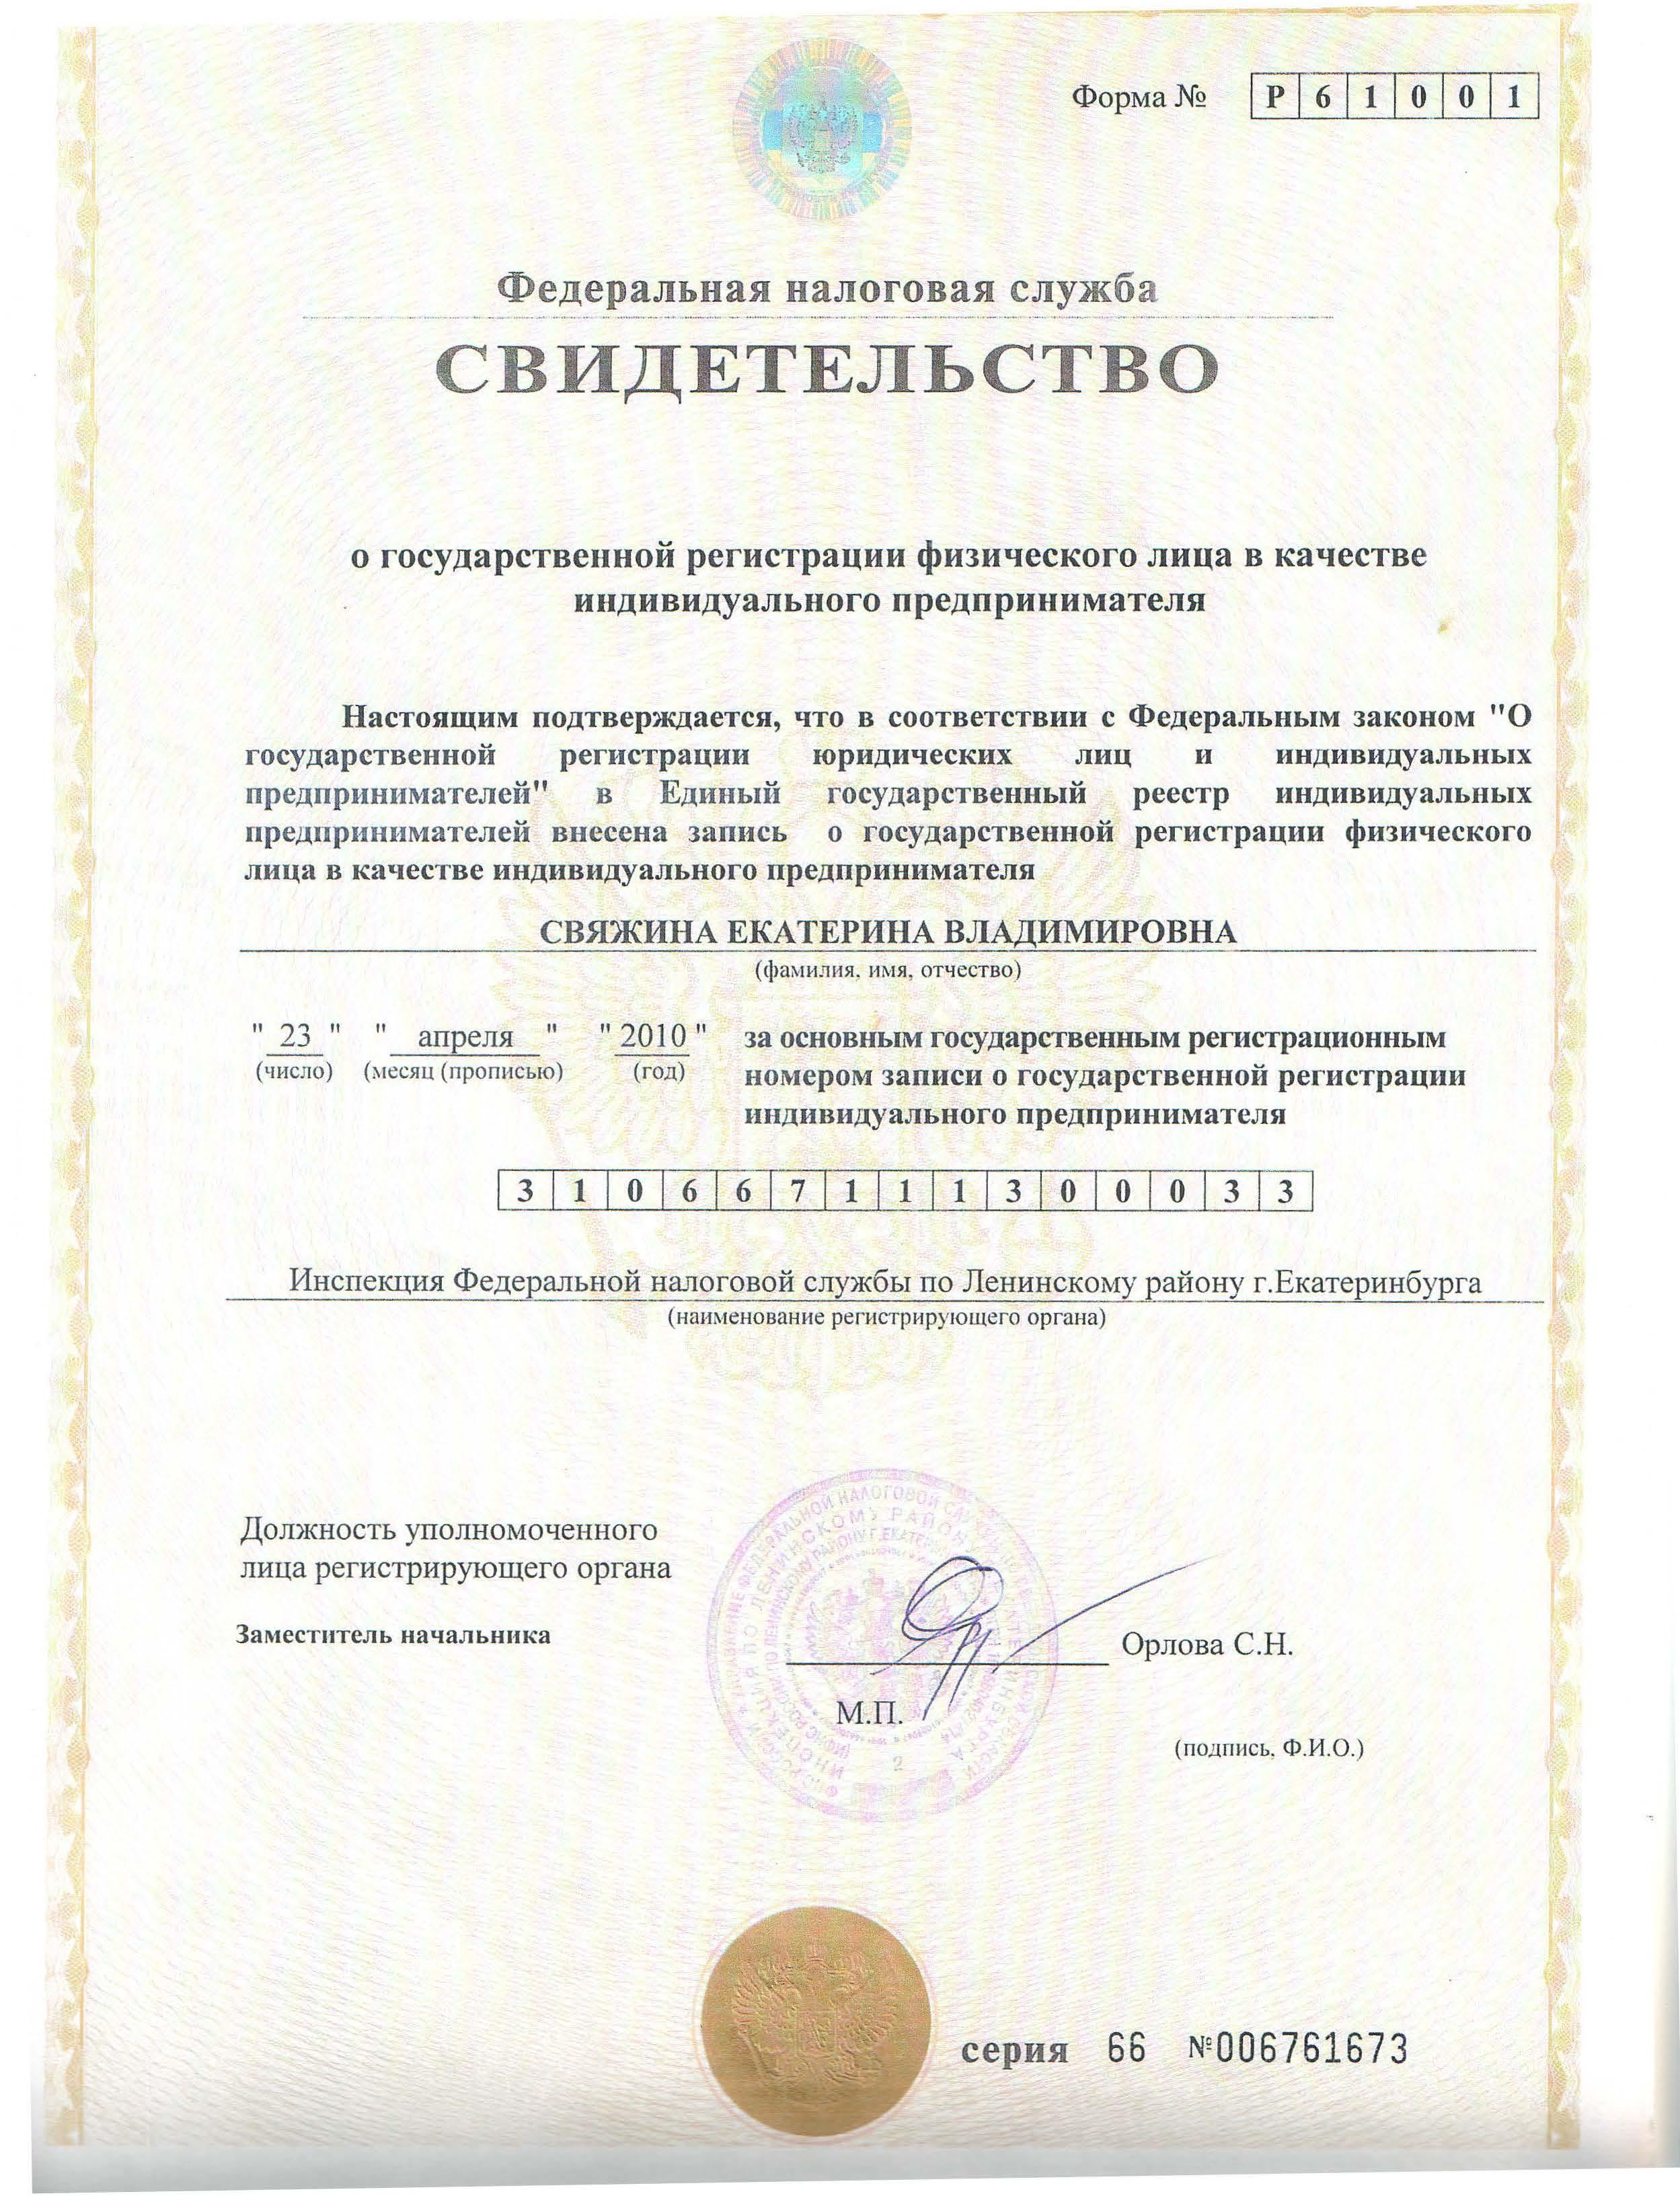 ОГРН Свяжина Екатерина Владимировна